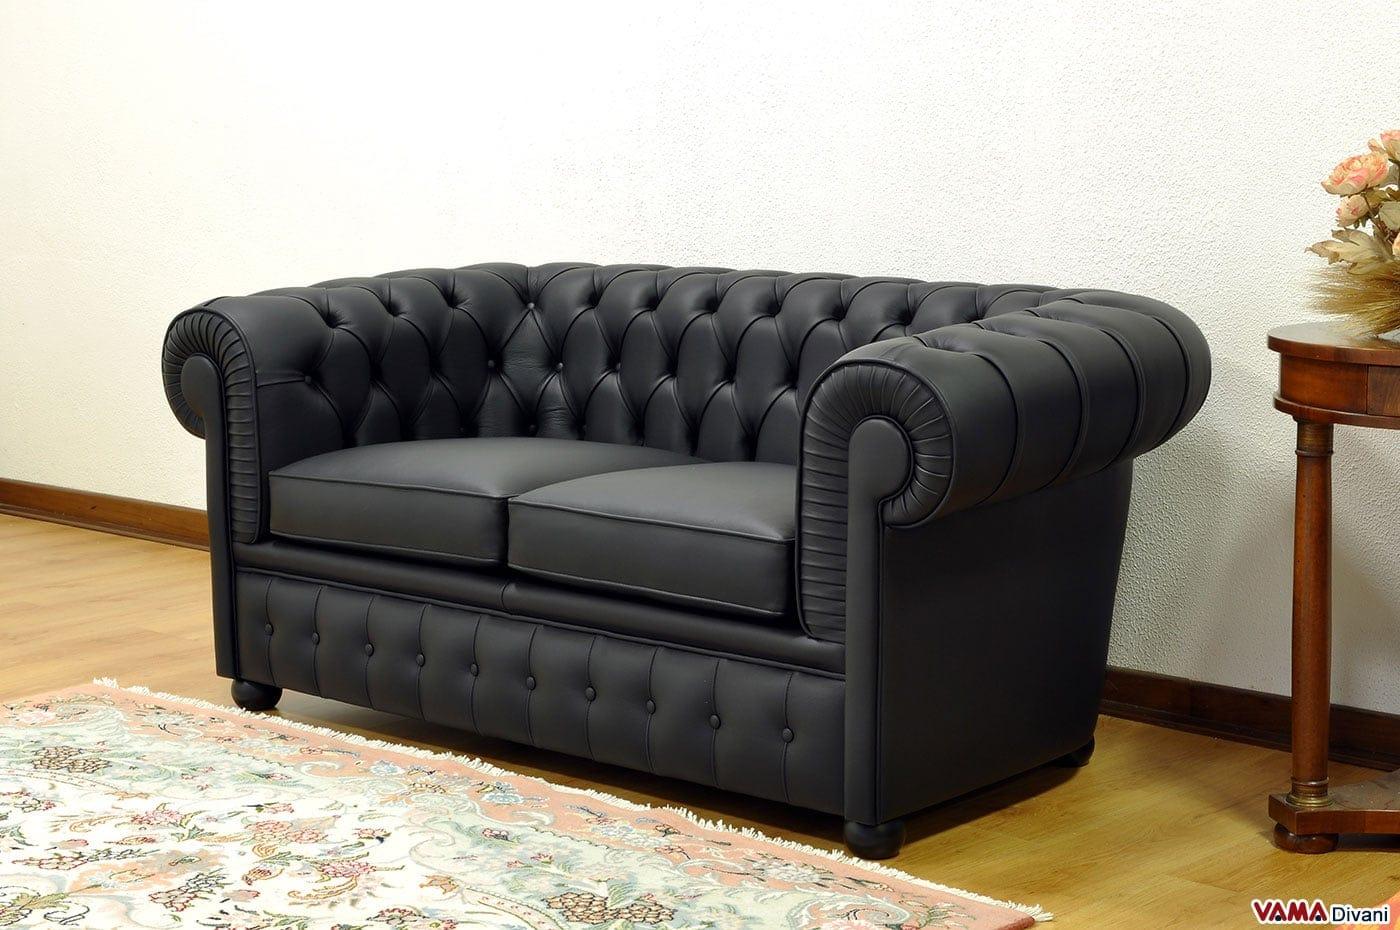 Divano chesterfield 2 posti vama divani - Divano letto in pelle ikea ...